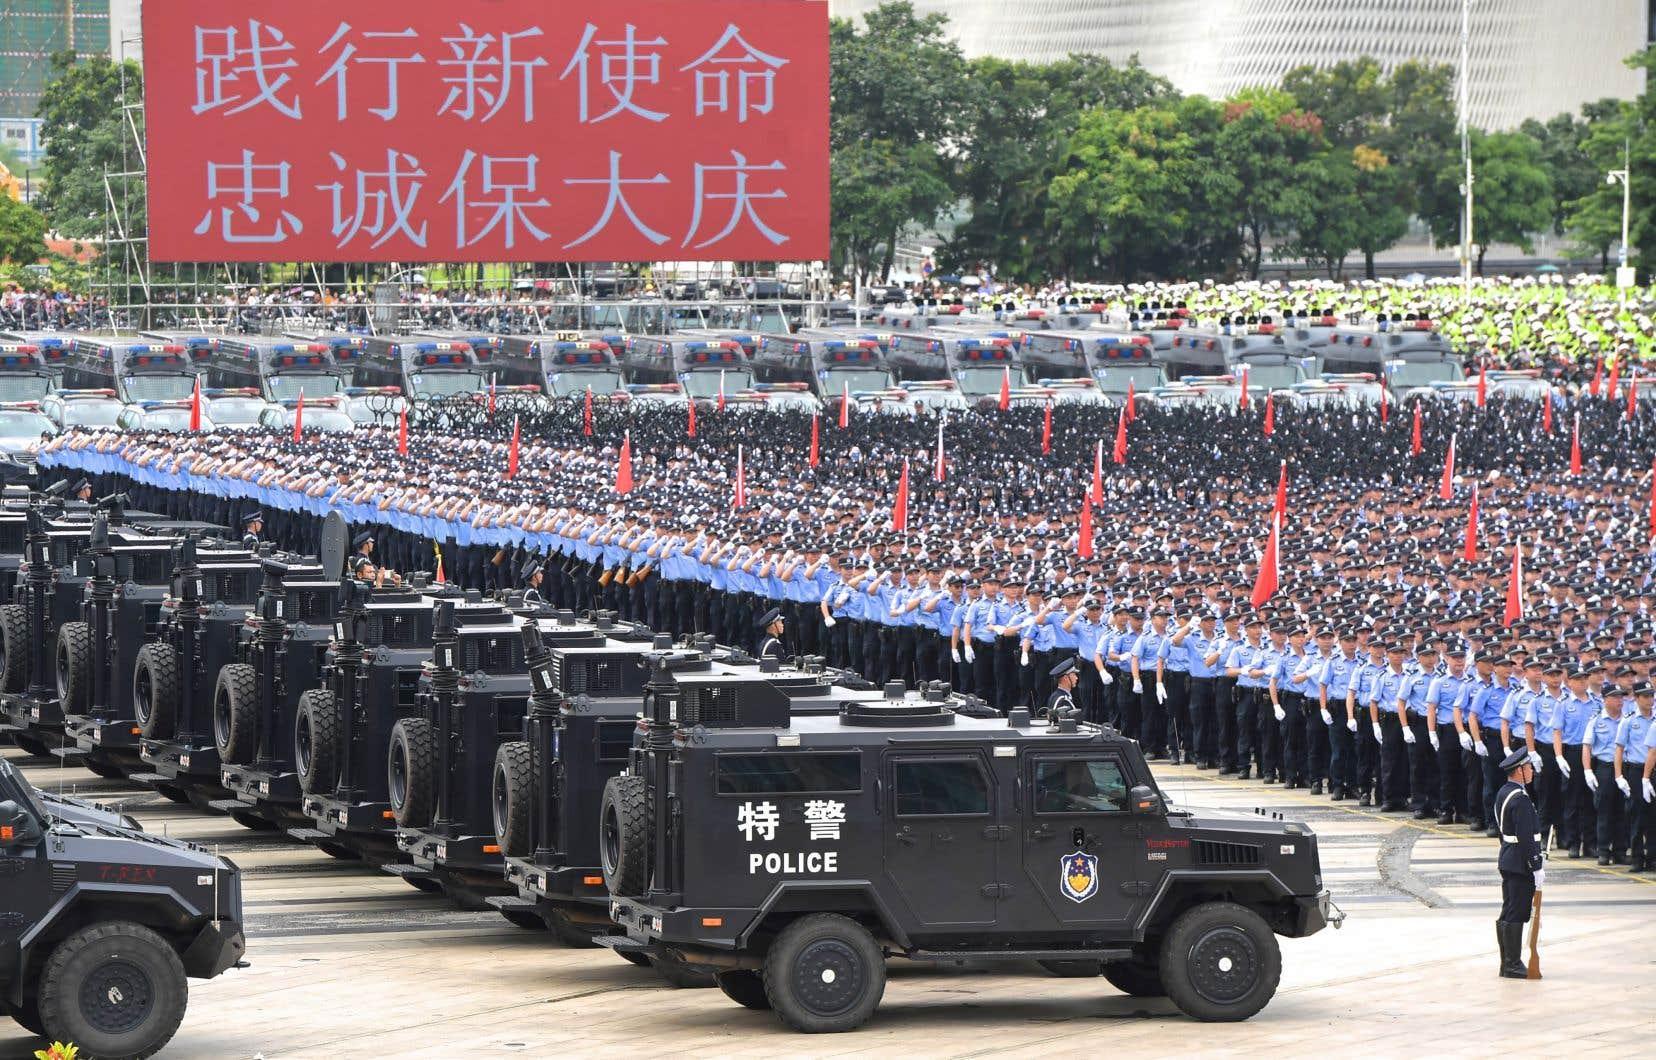 L'exercice, qui s'est déroulé mardi à Shenzhen, la métropole de Chine continentale frontalière du territoire semi-autonome hongkongais, était largement commenté mercredi sur les réseaux sociaux.